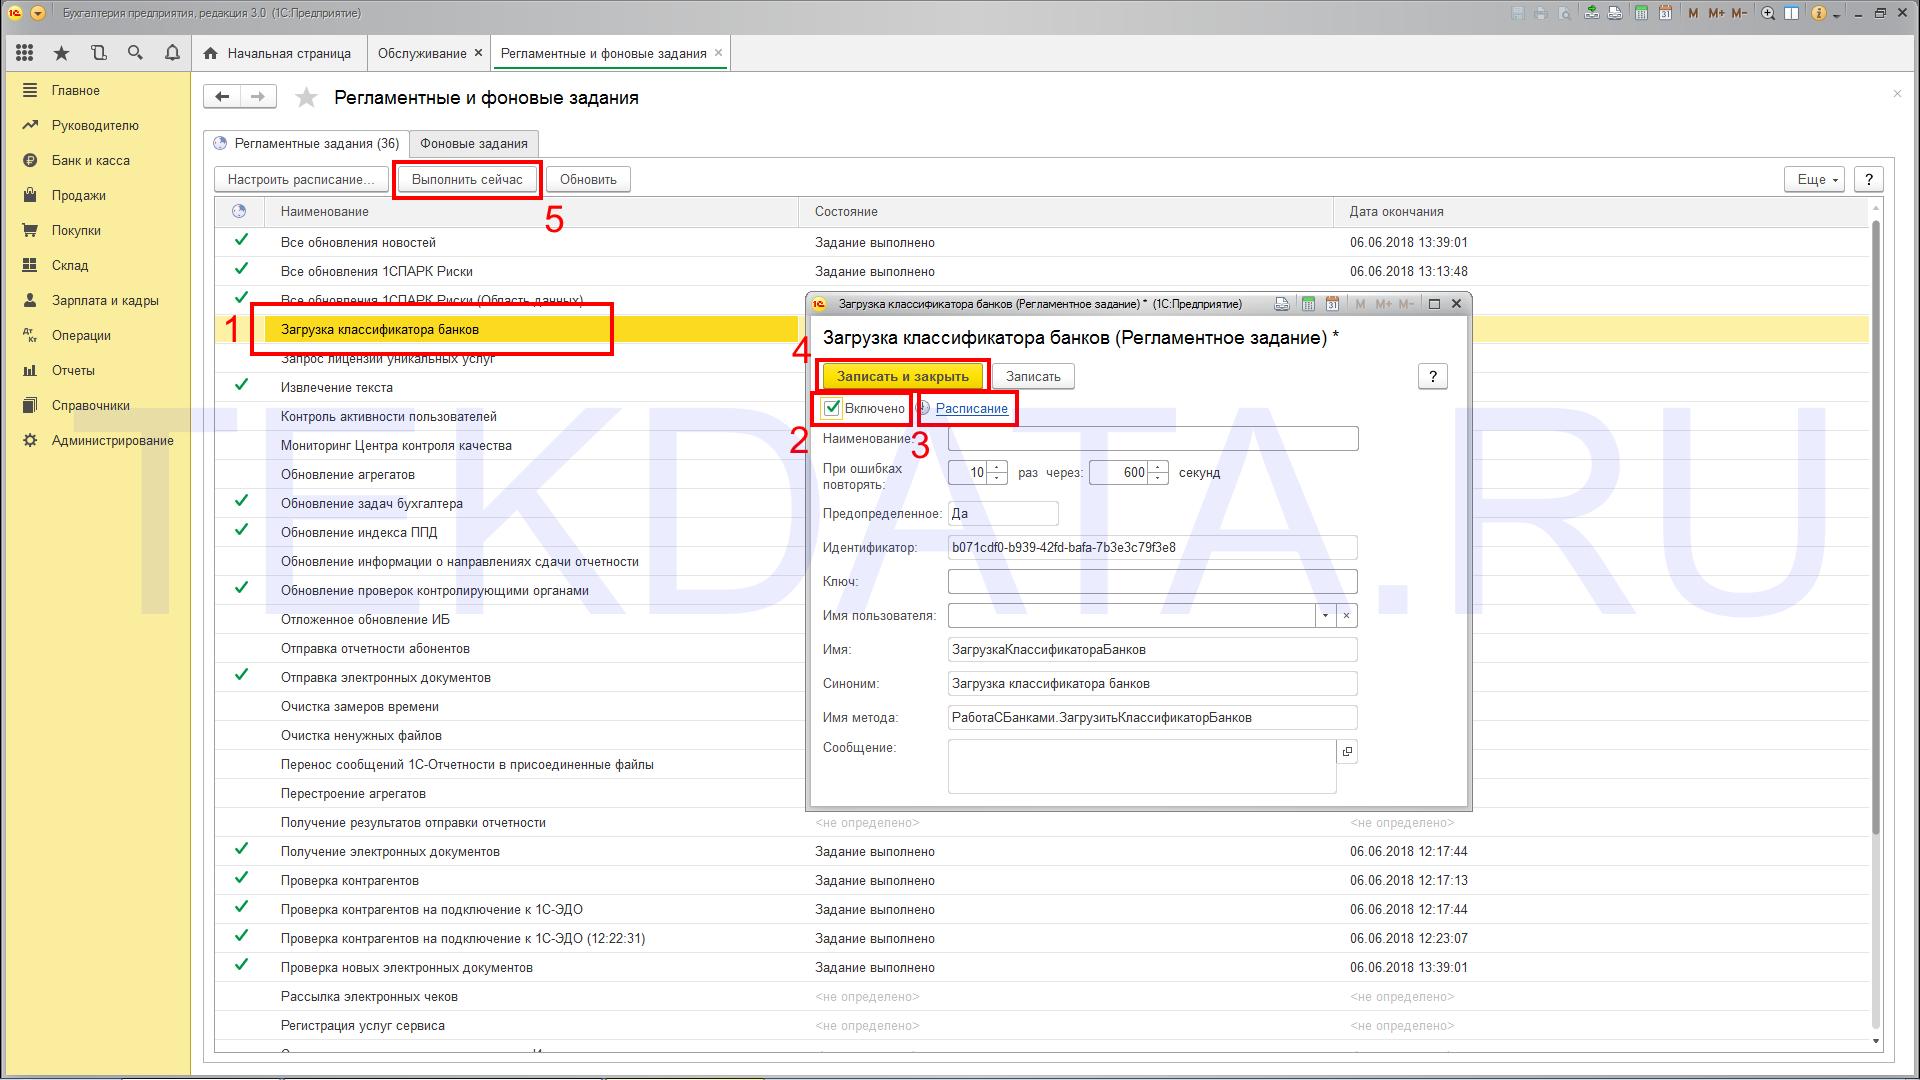 Как загрузить классификатор банков в 1С:Бухгалтерия 3.0 и другие конфигурации   tekdata.ru